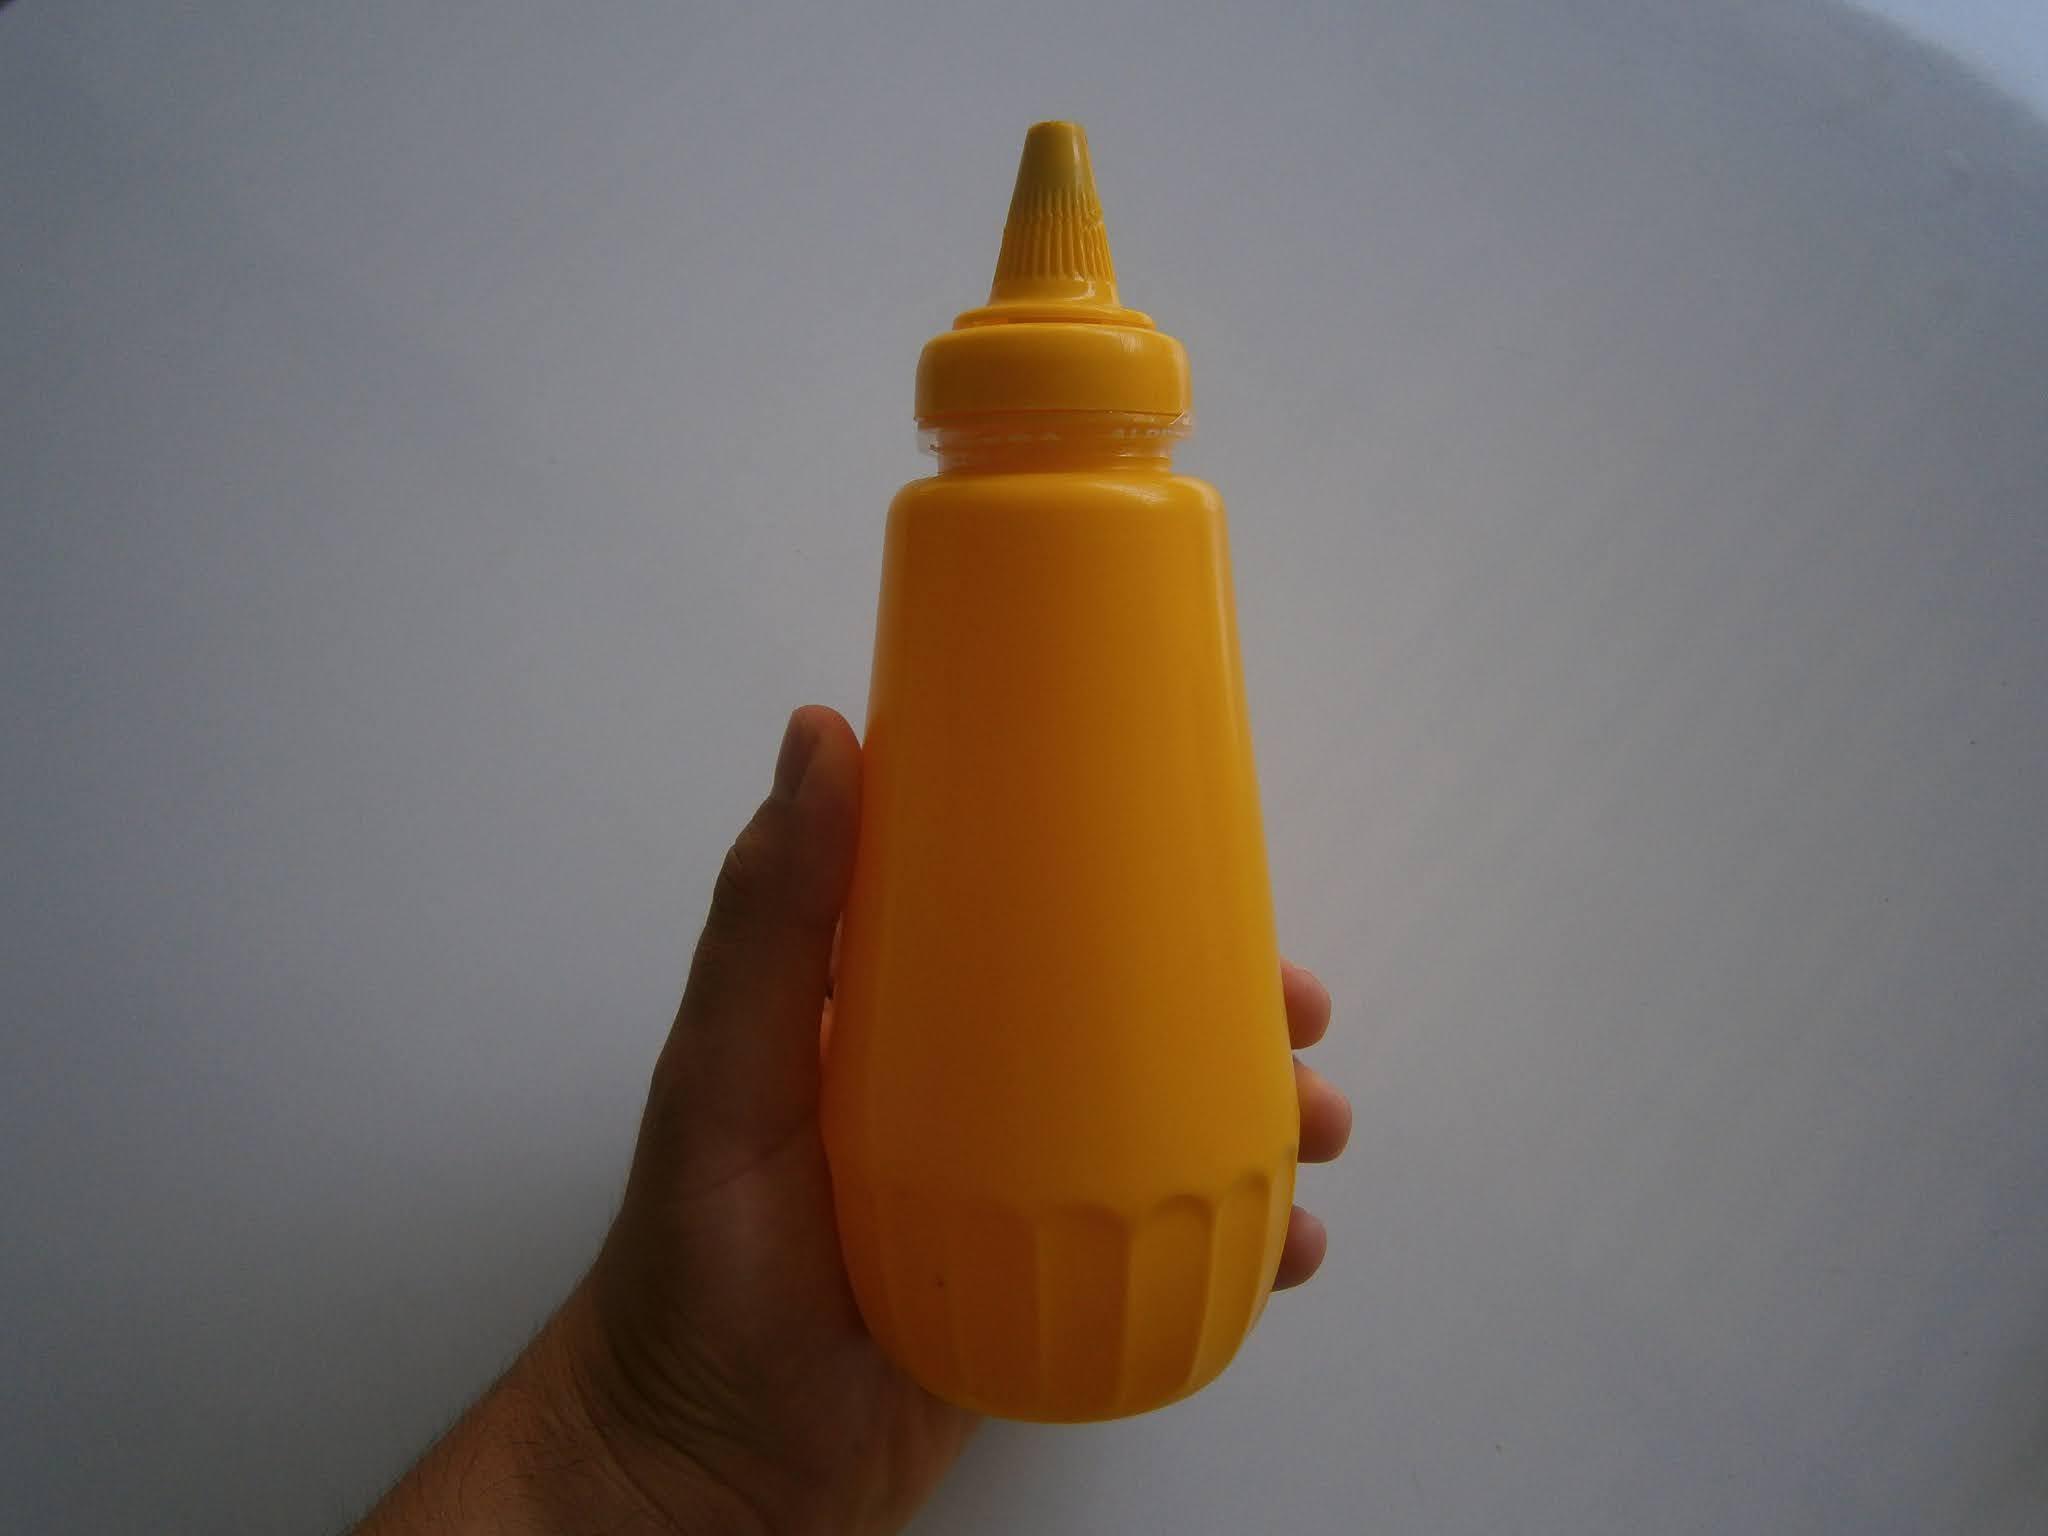 Contenedor de ají usado por pollerias